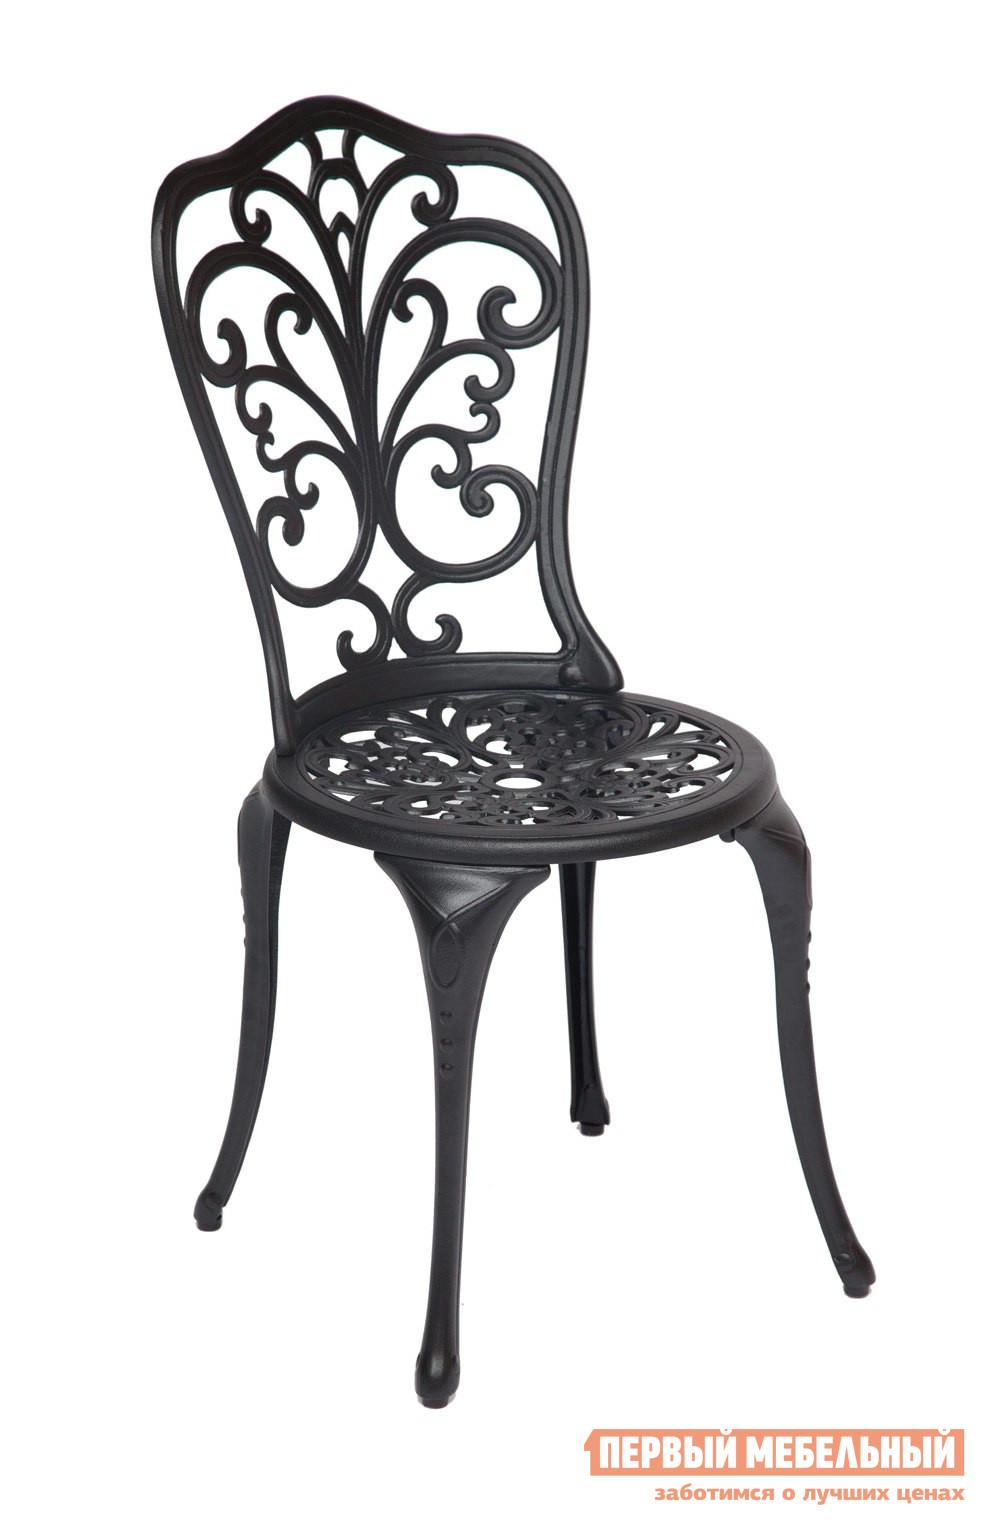 Садовый металлический стул для дачи Tetchair MOZART tetchair стул компьютерный step